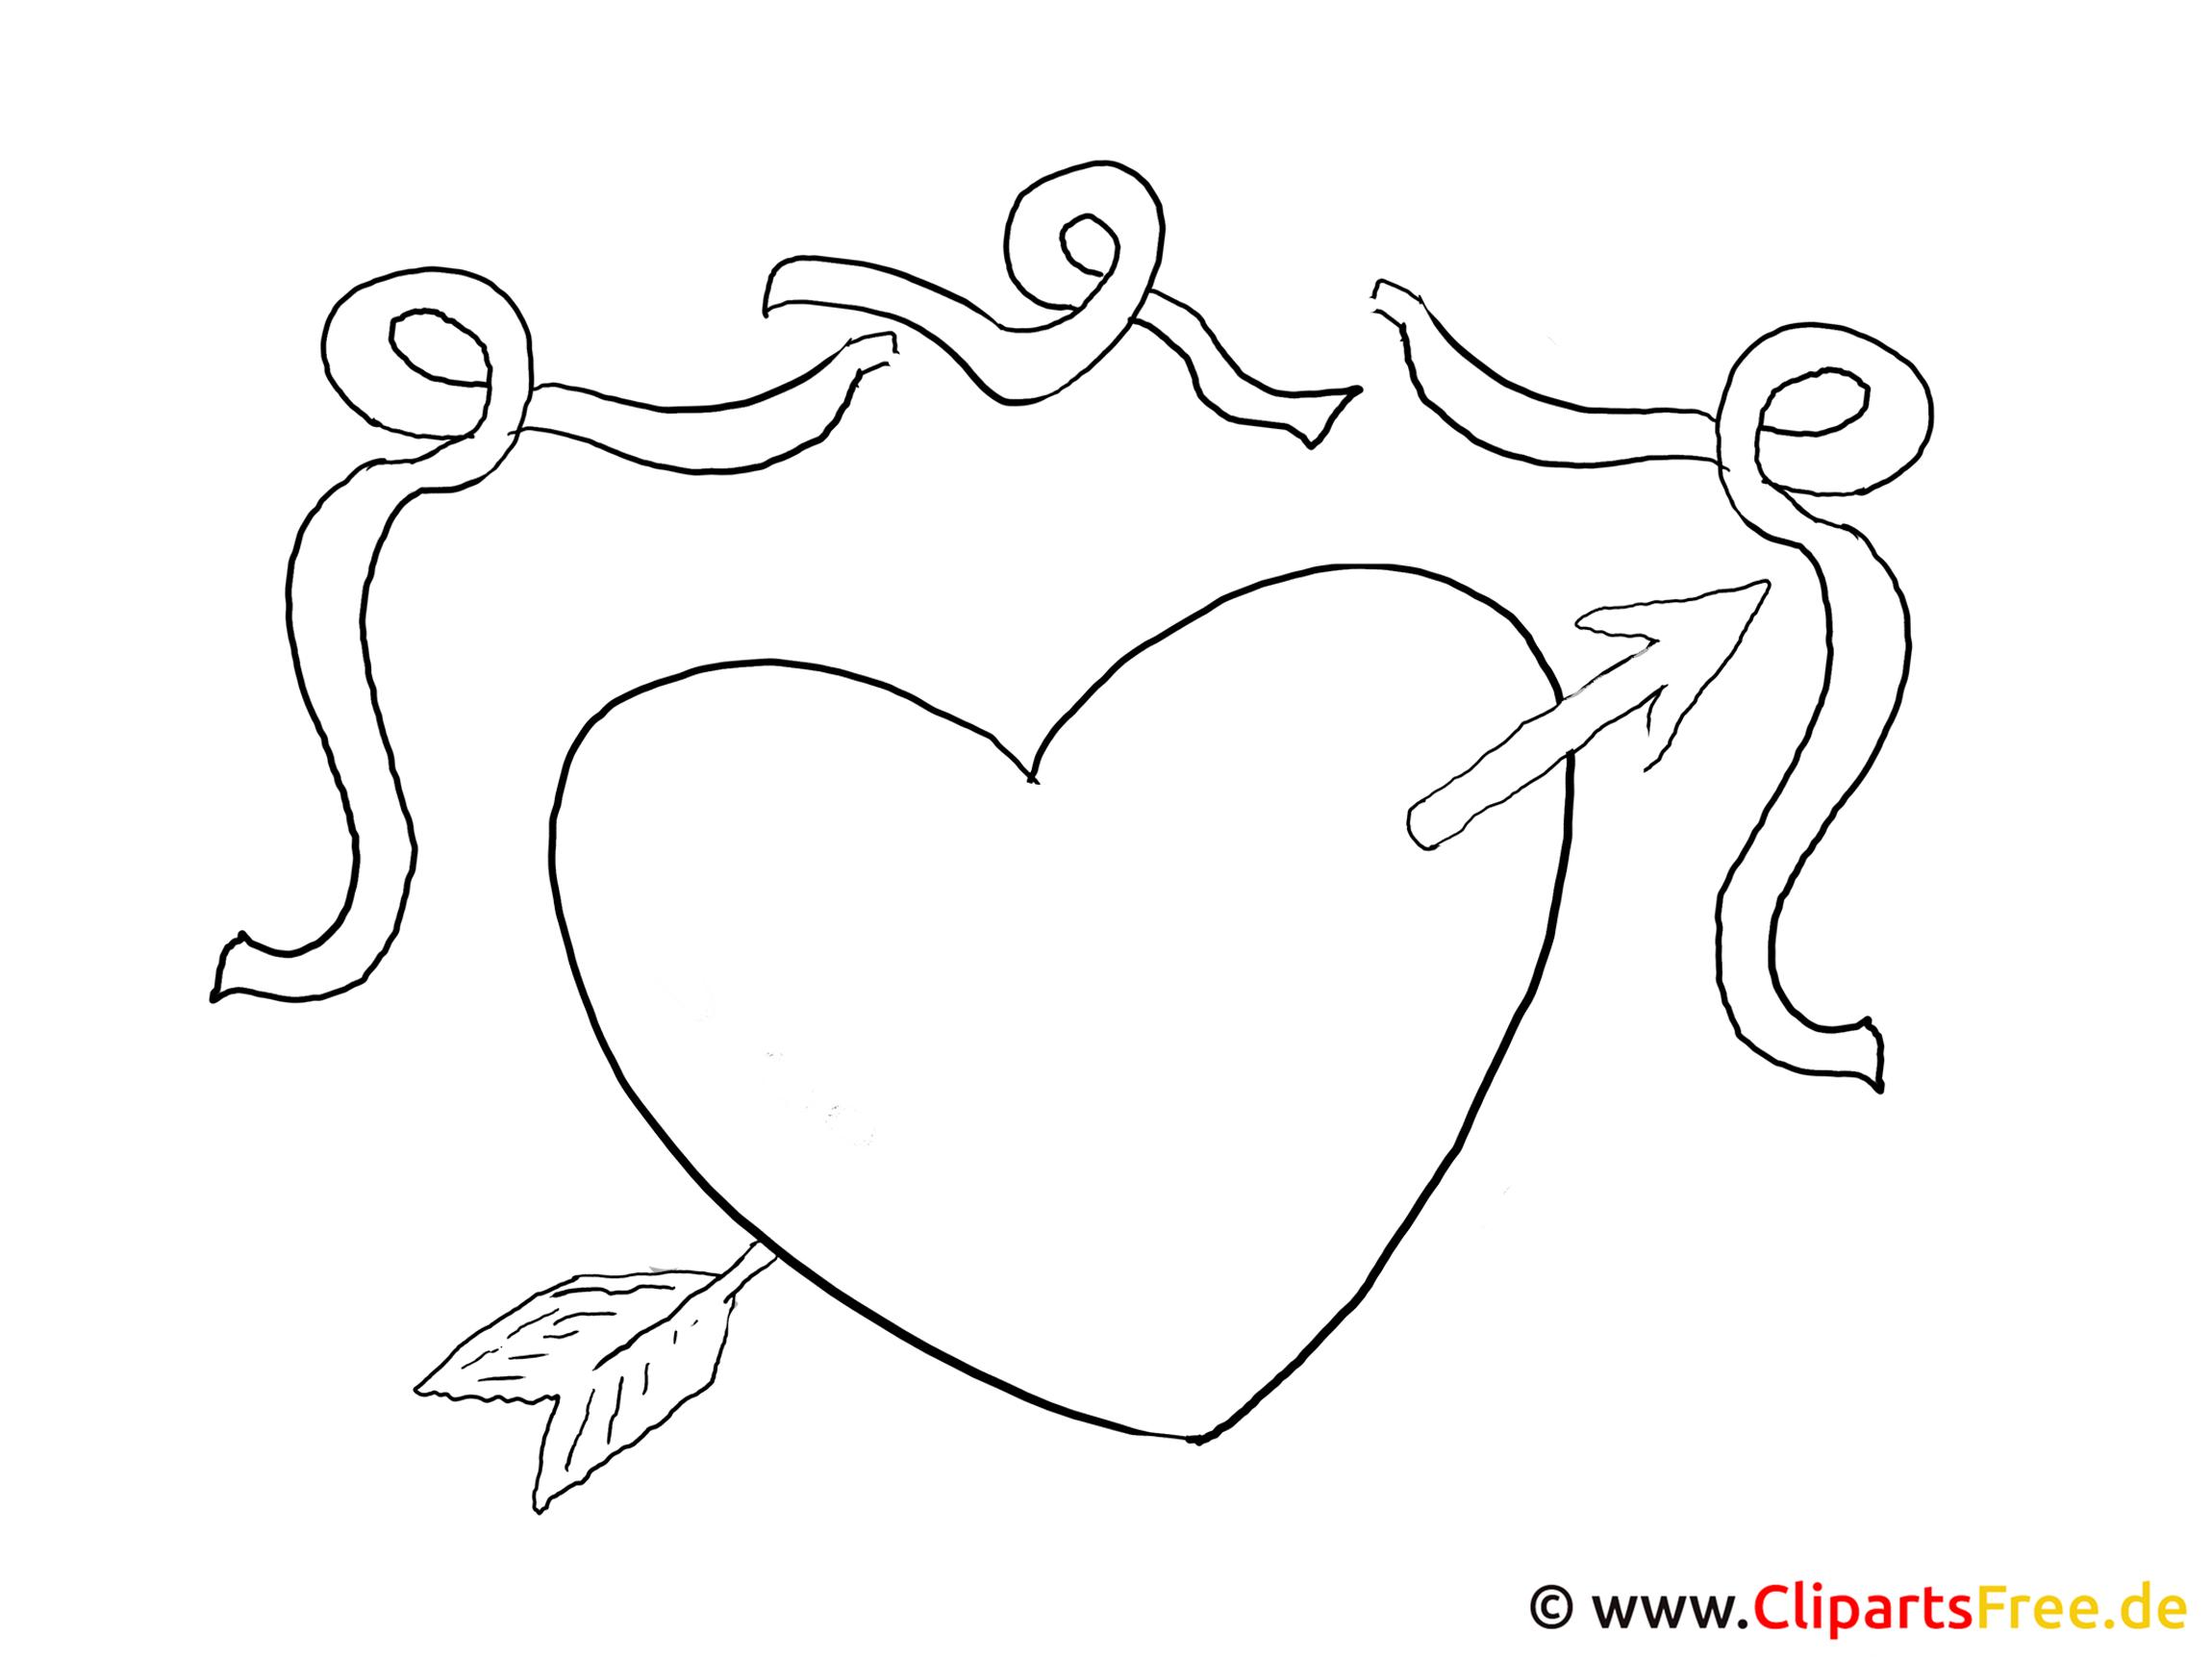 Ausmalbild Herz Mit Pfeil in Ausmalbilder Herz Mit Pfeil